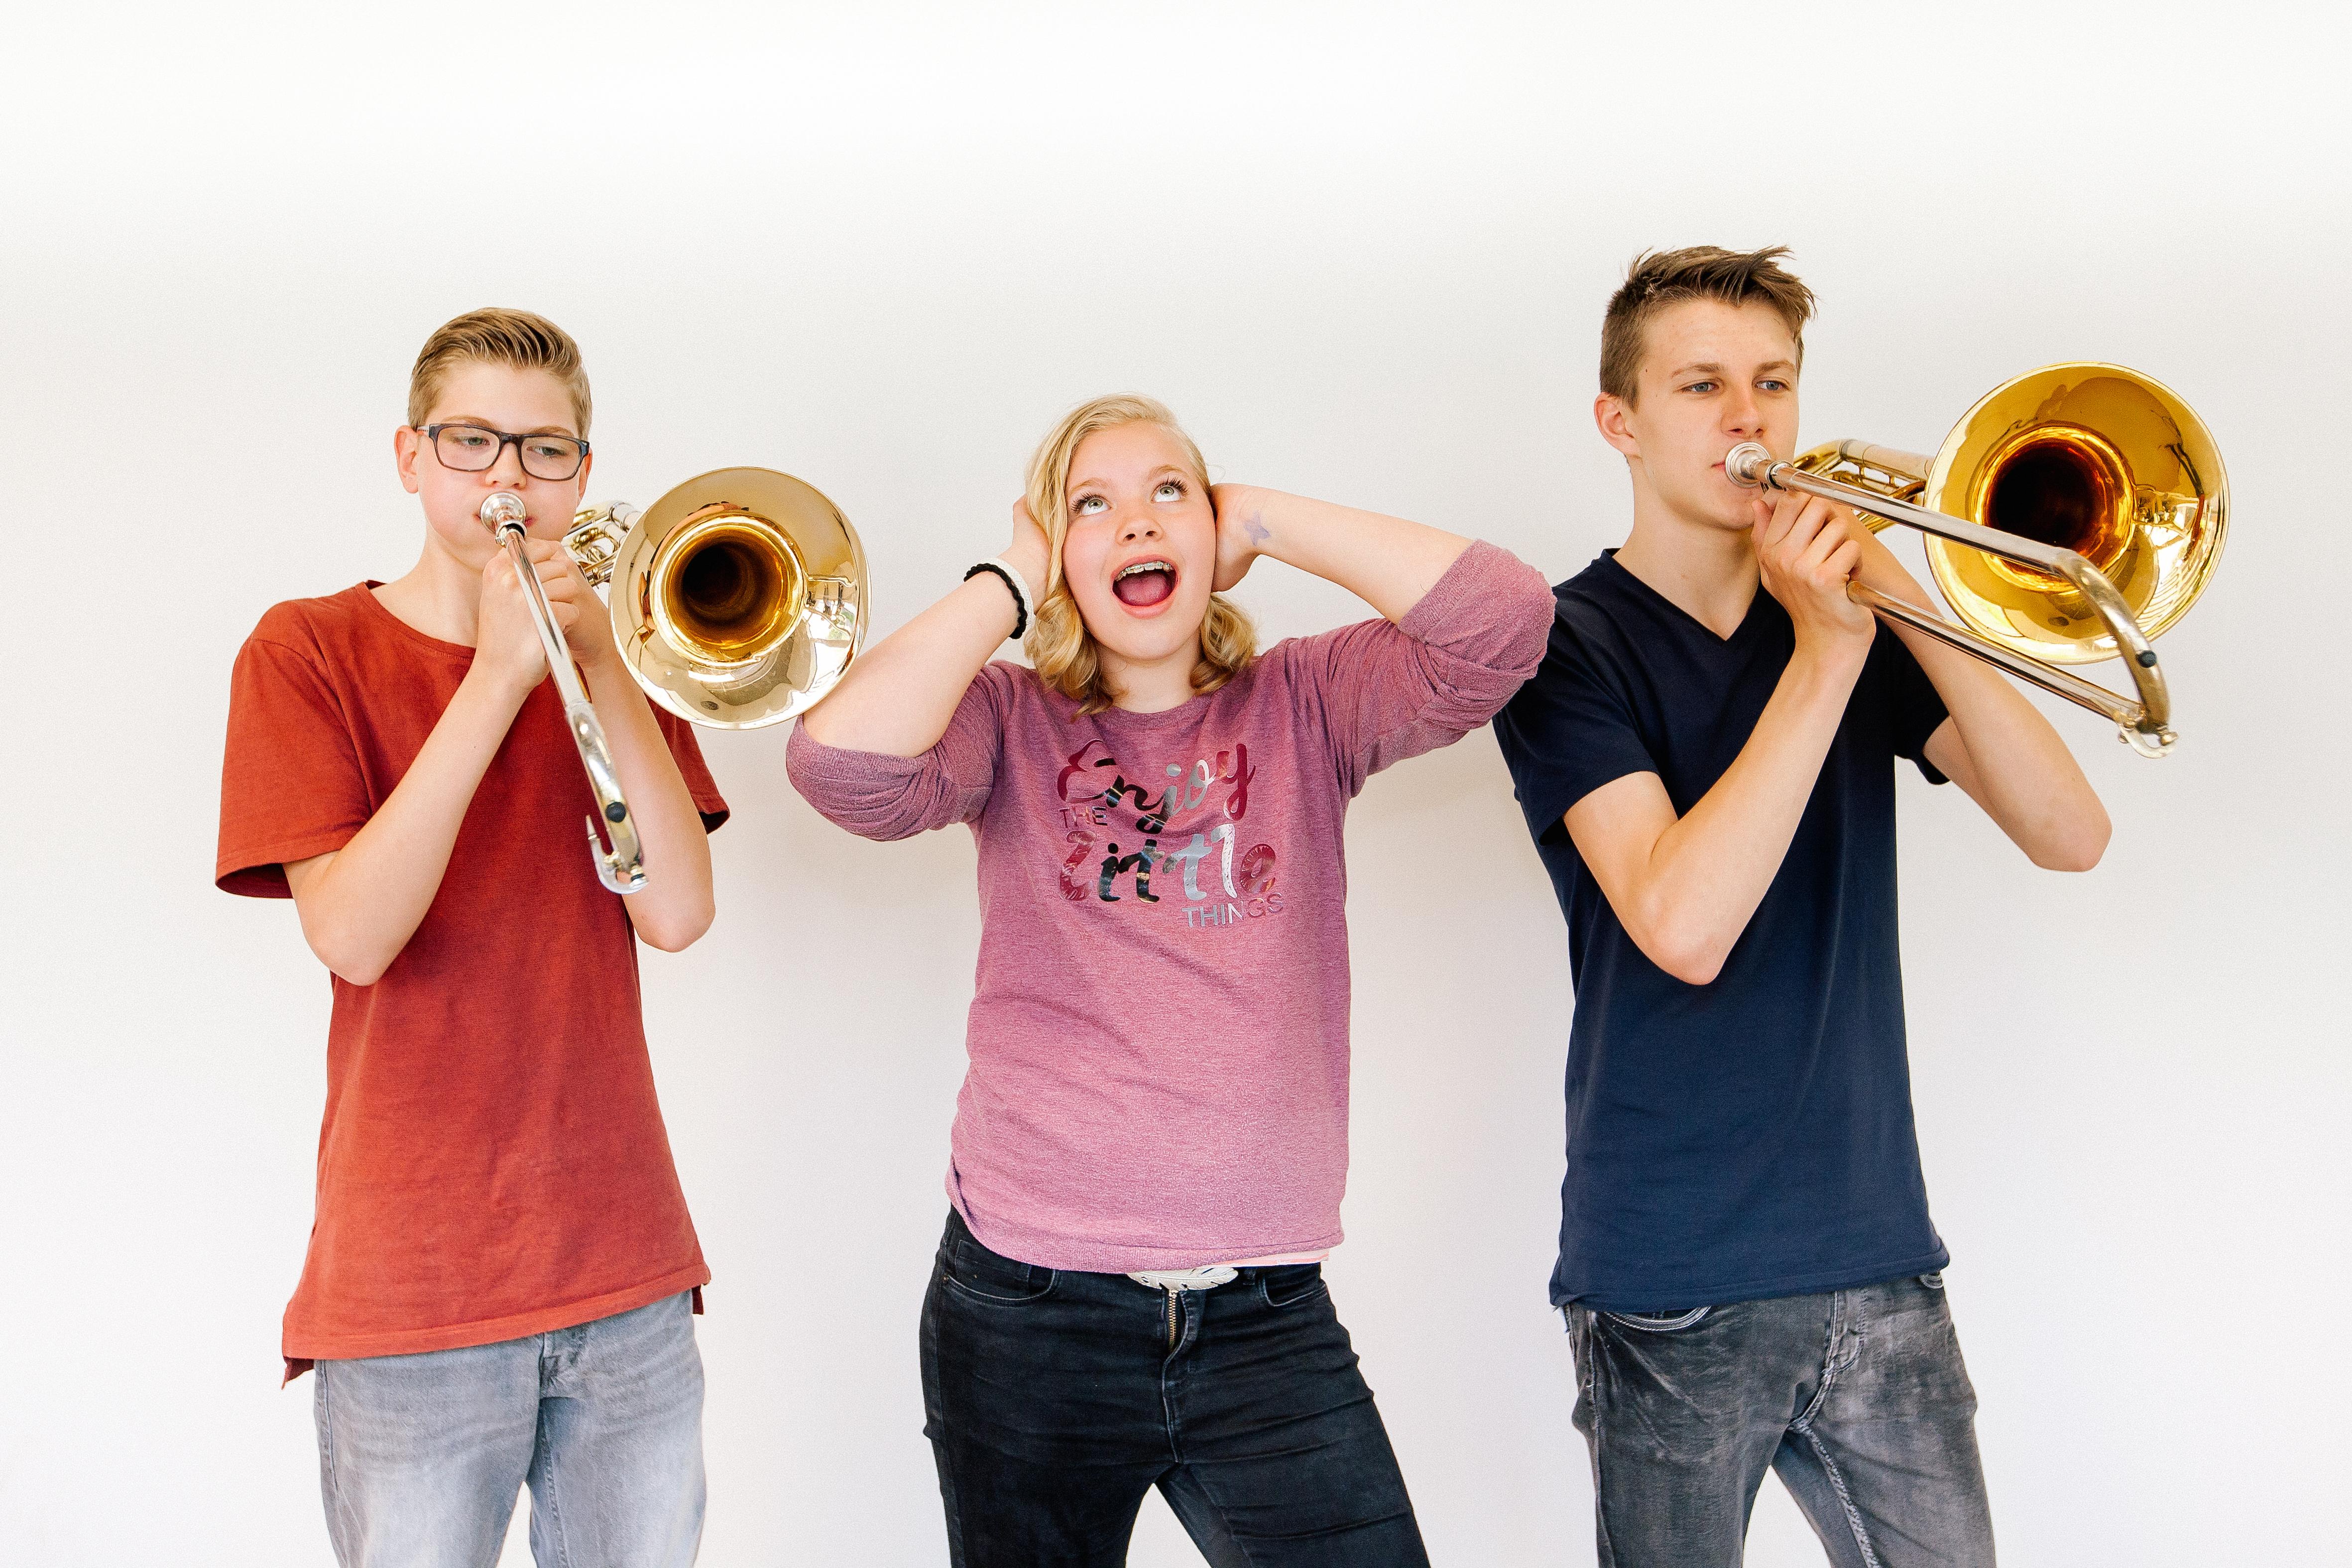 Jong en oud kunnen een muziekinstrument uitproberen tijdens de Open Dag. (foto aangeleverd)